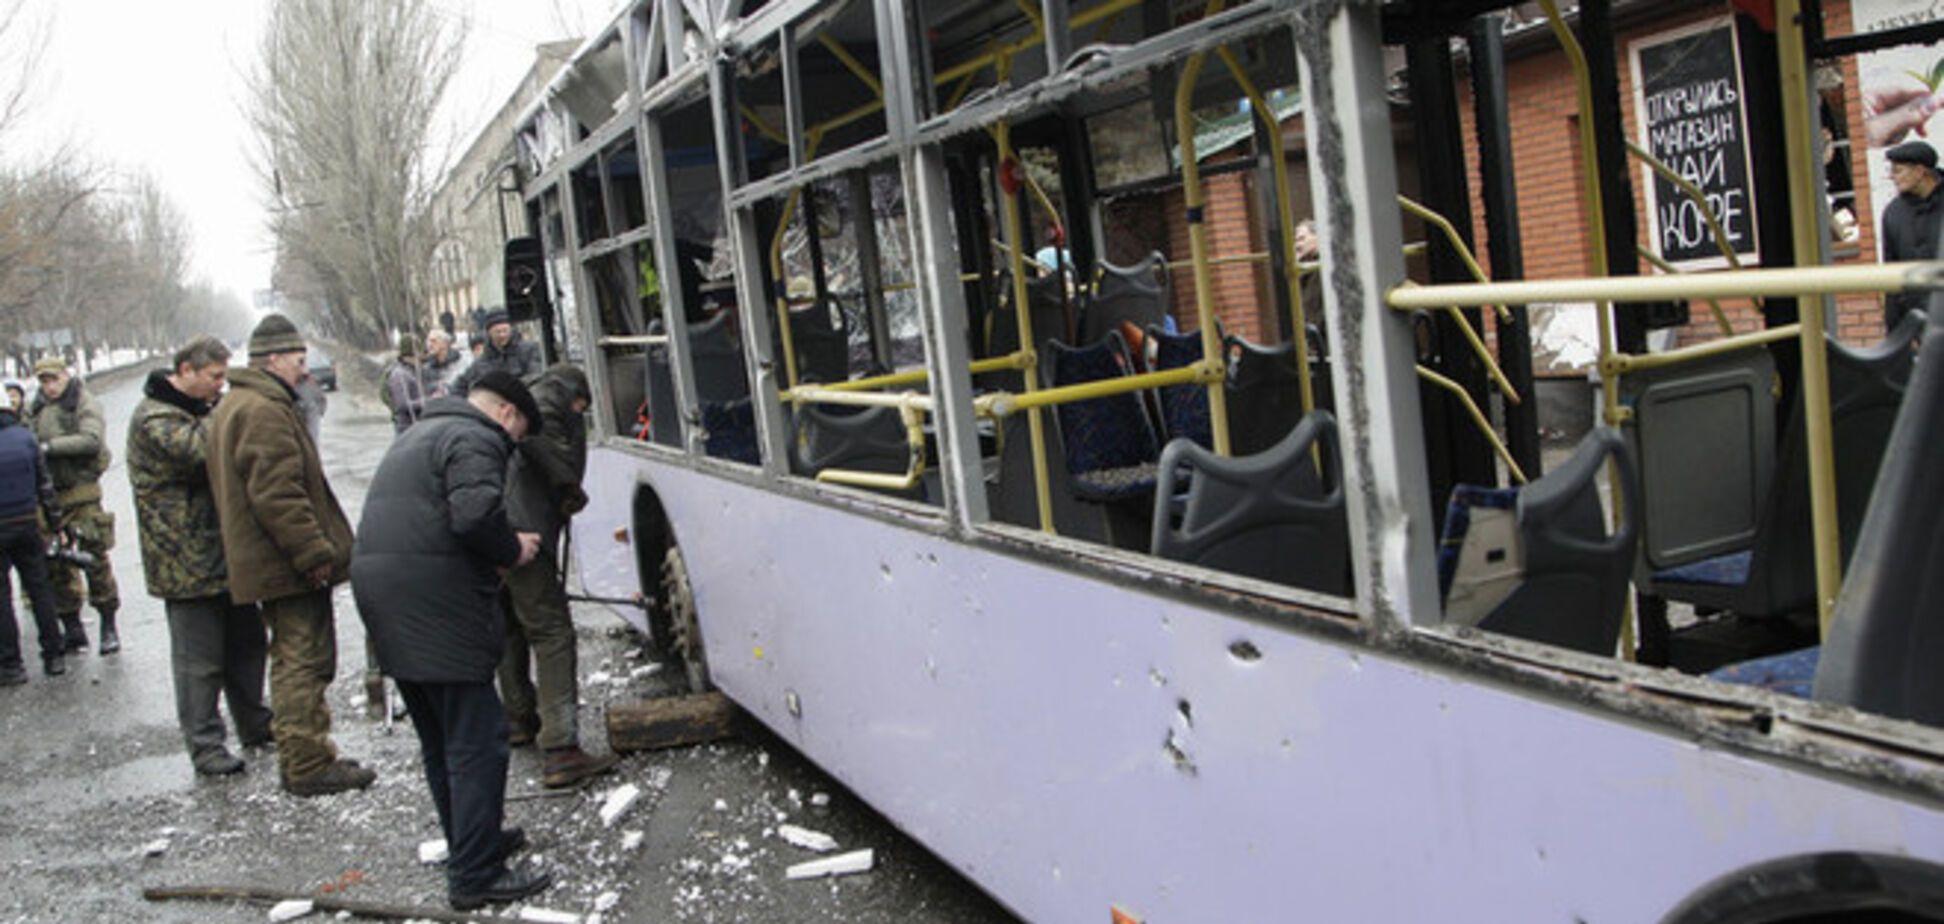 Россия может использовать обстрел остановки в Донецке для обоснования вторжения в Украину - эксперт